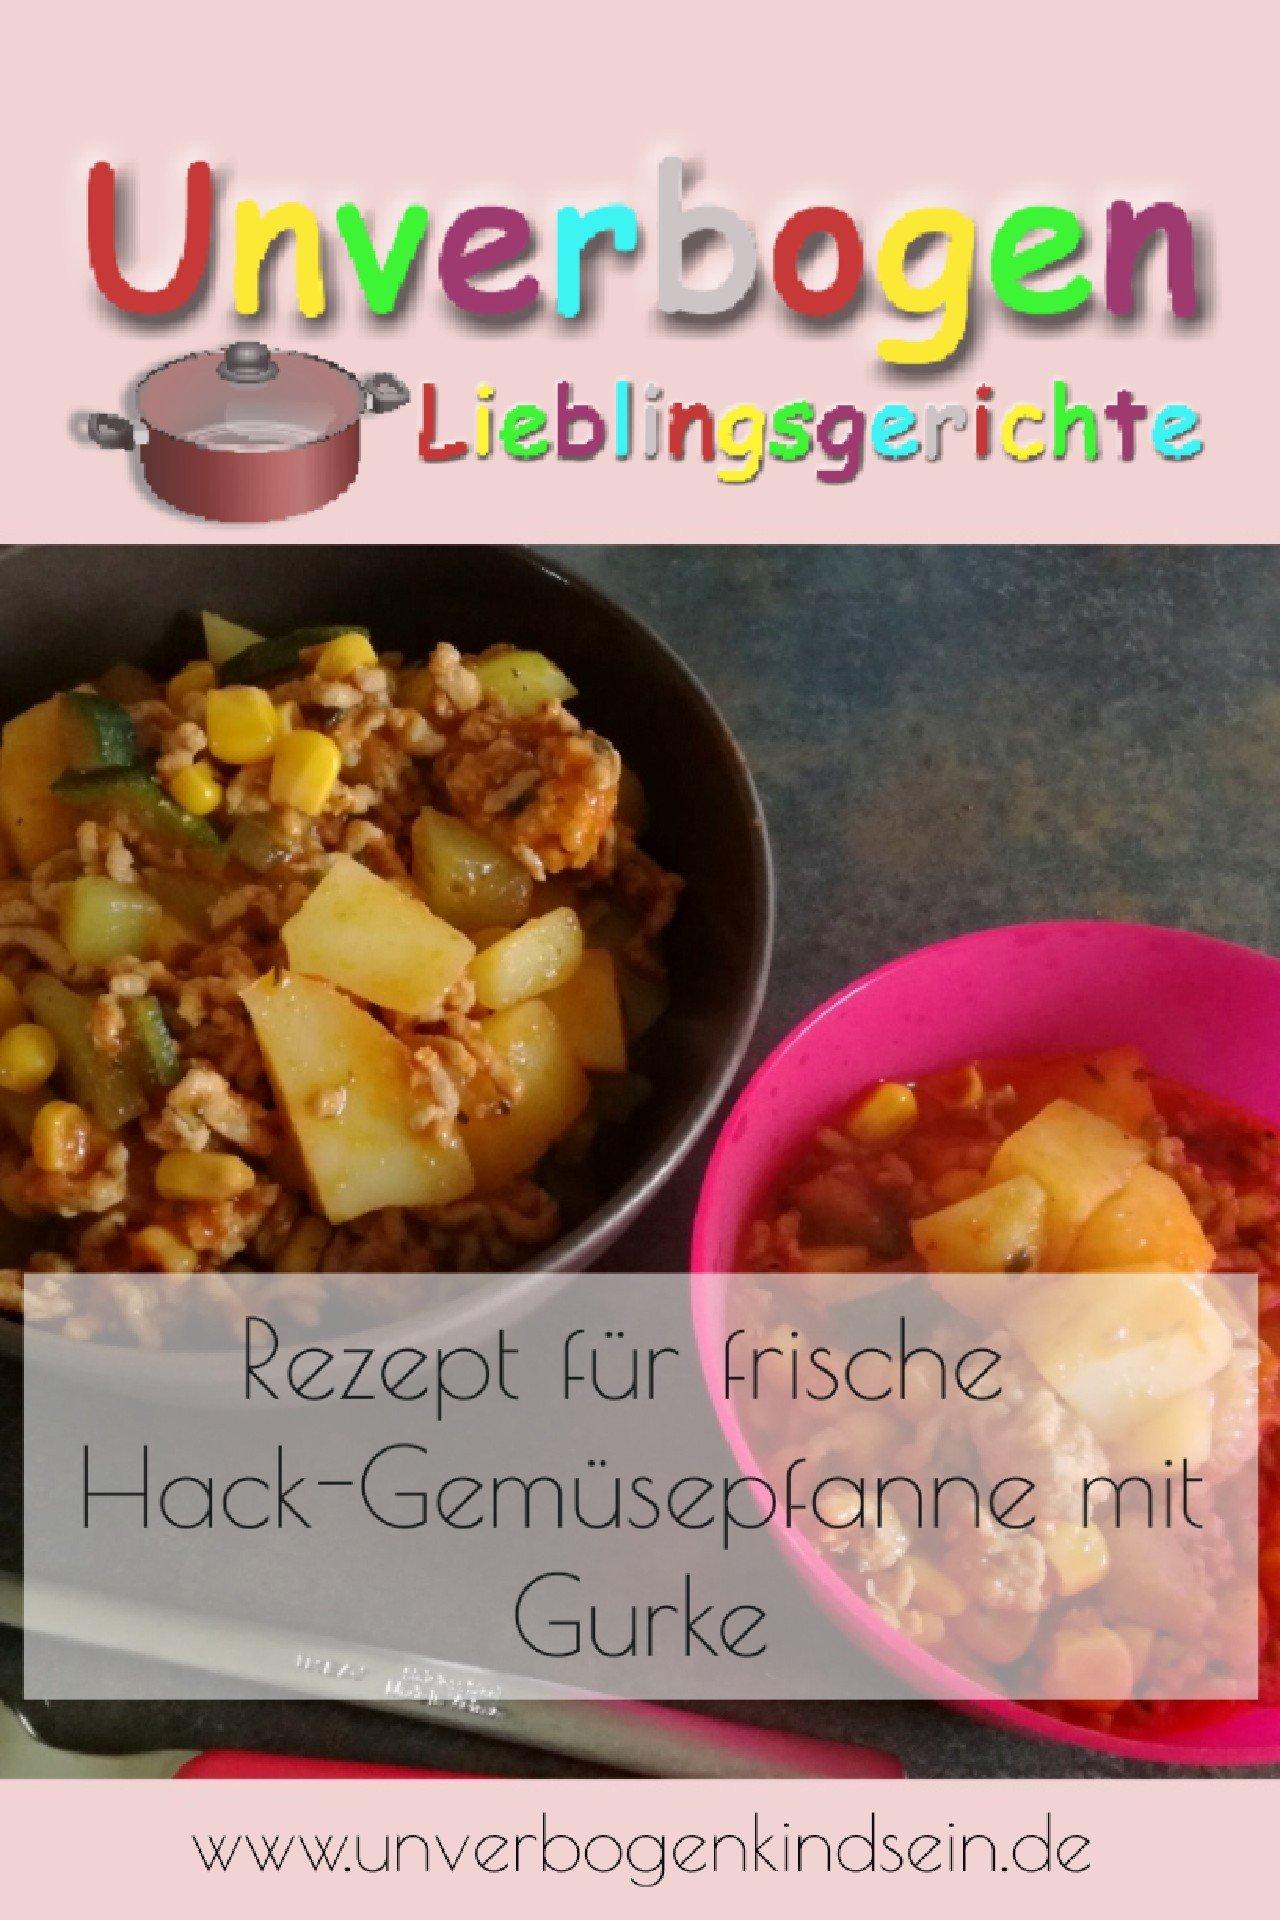 Rezept für Hack-Gemüsepfanne | Unverbogen Kind Sein